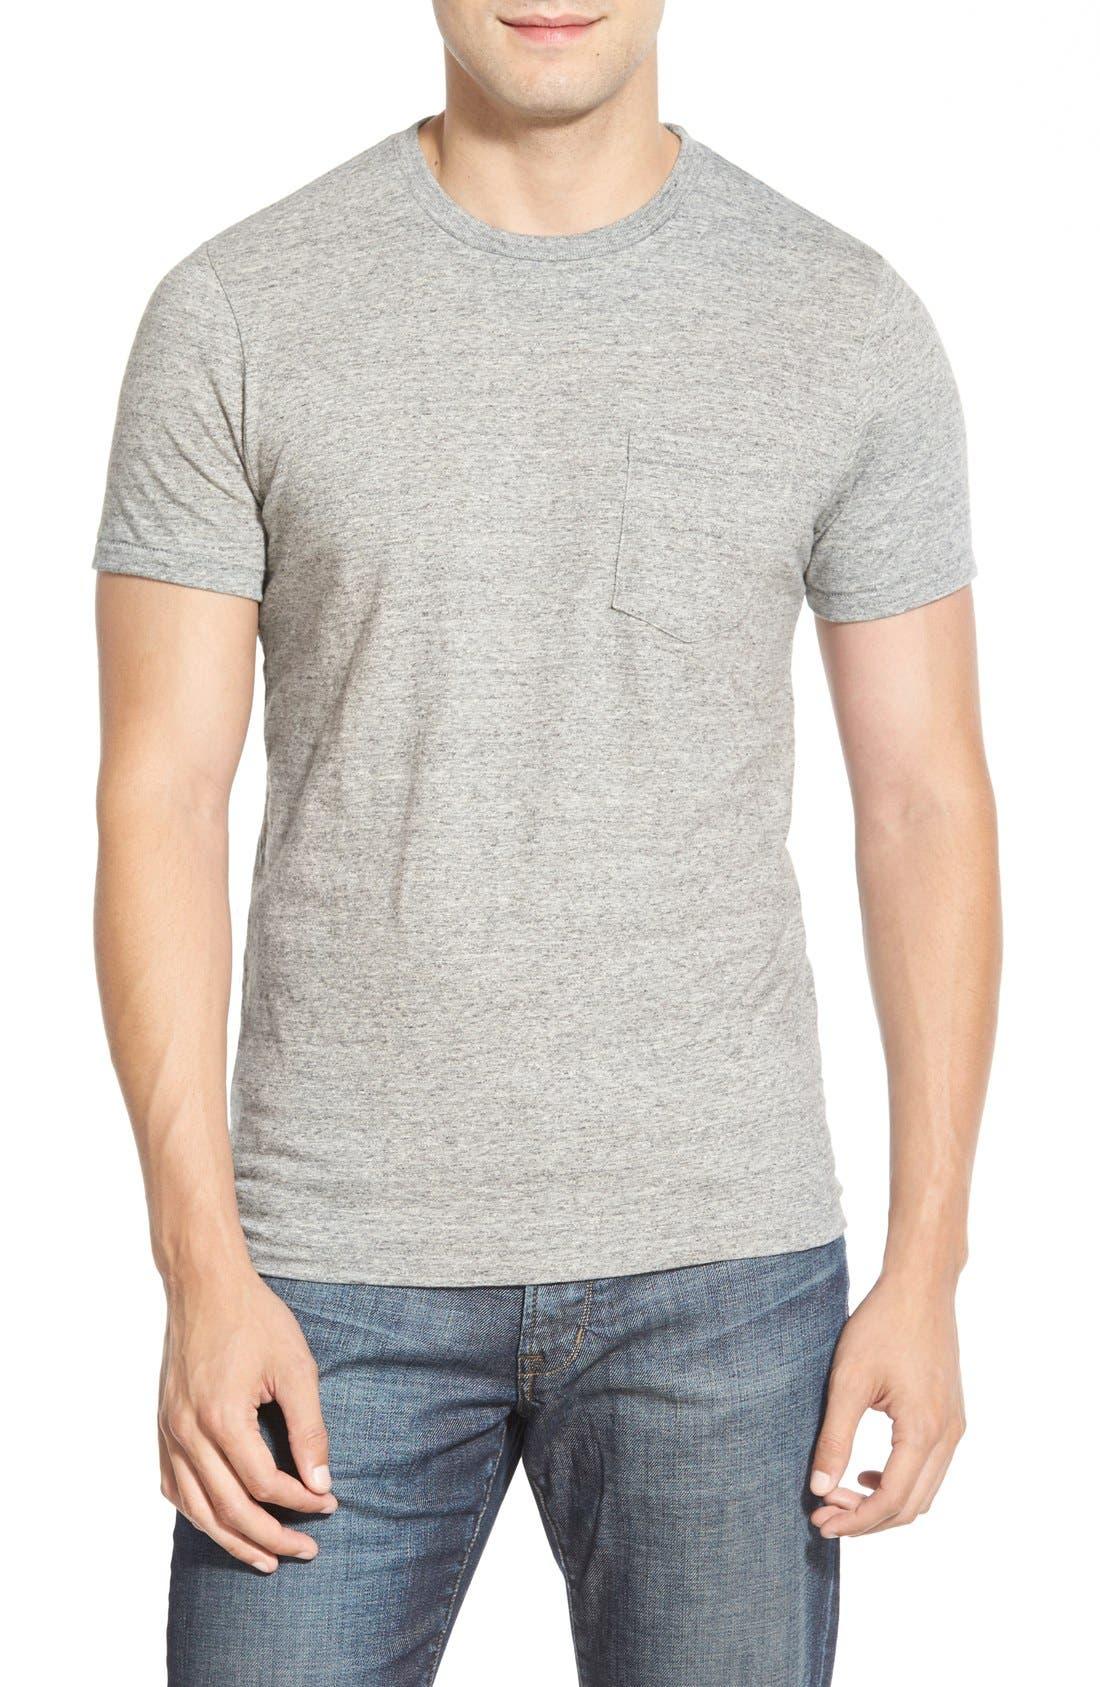 Bonobos Double Face Jersey Pocket Crewneck T-Shirt